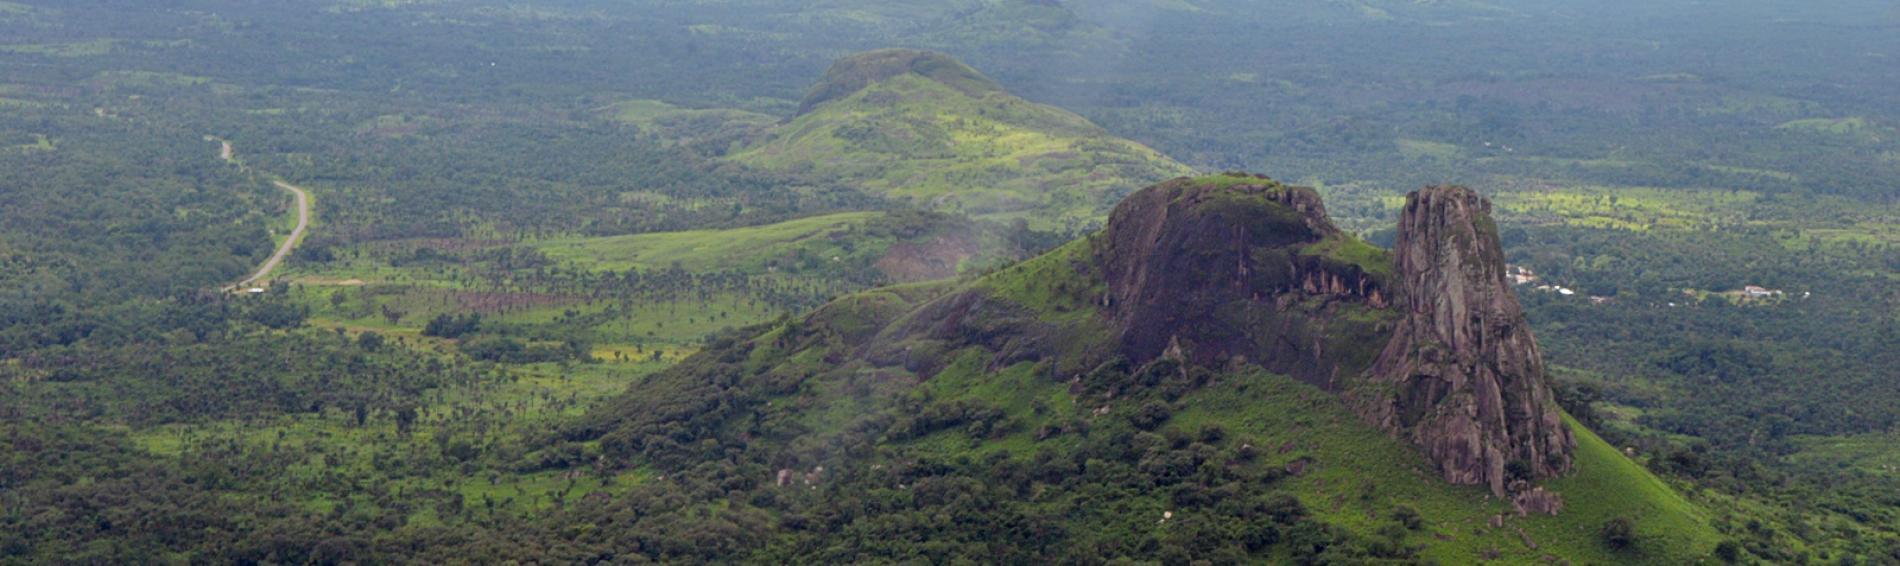 imagen de Sierra Leona